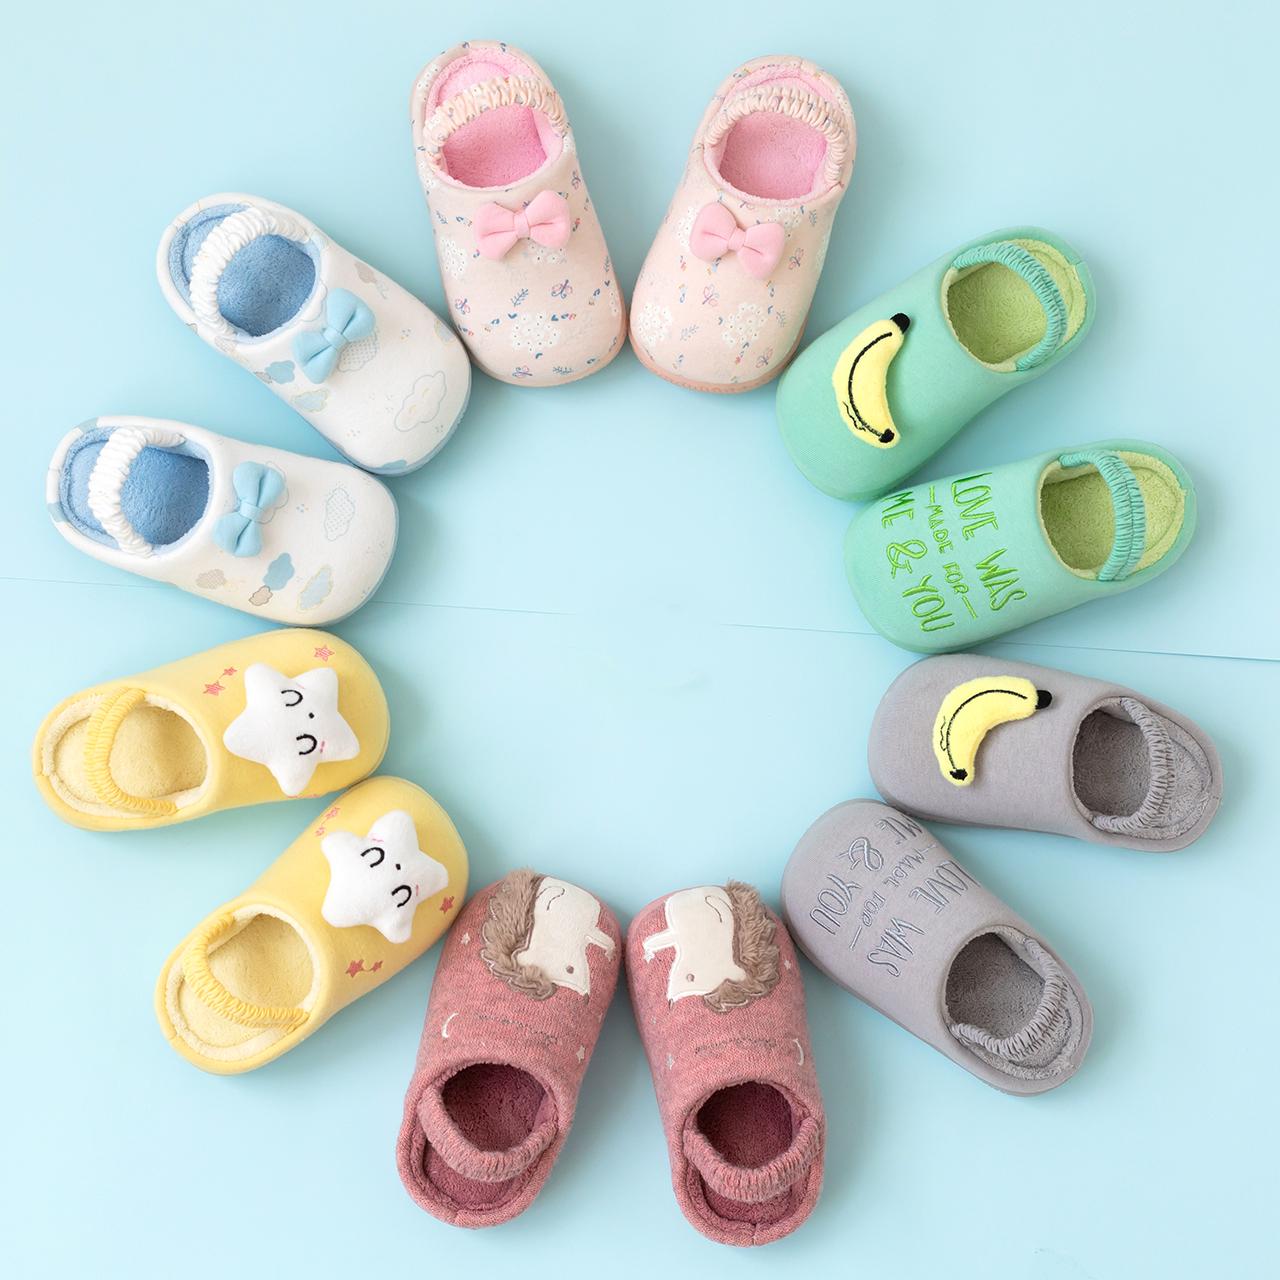 儿童棉拖鞋女童宝宝拖鞋冬1-3岁5防滑软底婴幼儿室内家居鞋男童秋